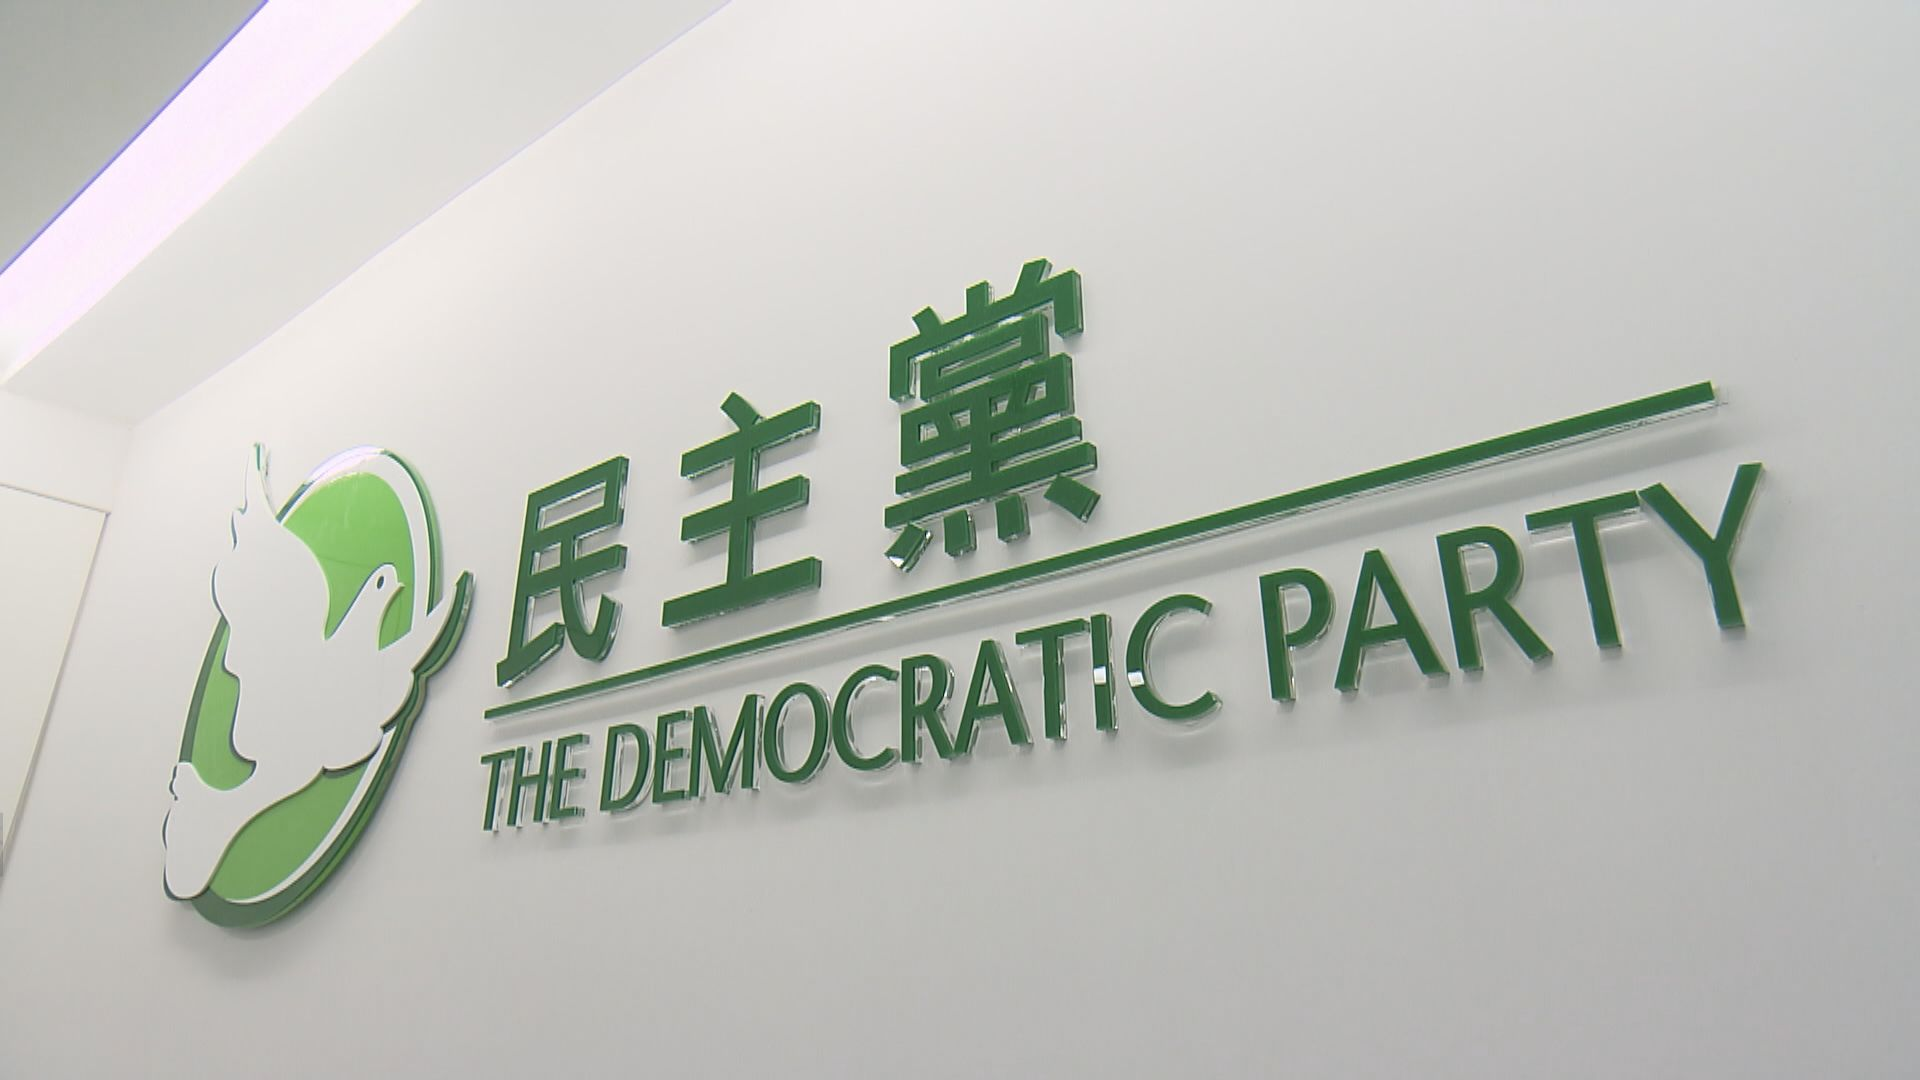 羅健熙:民主黨大部分區議員會辭任 會盡力續地區服務